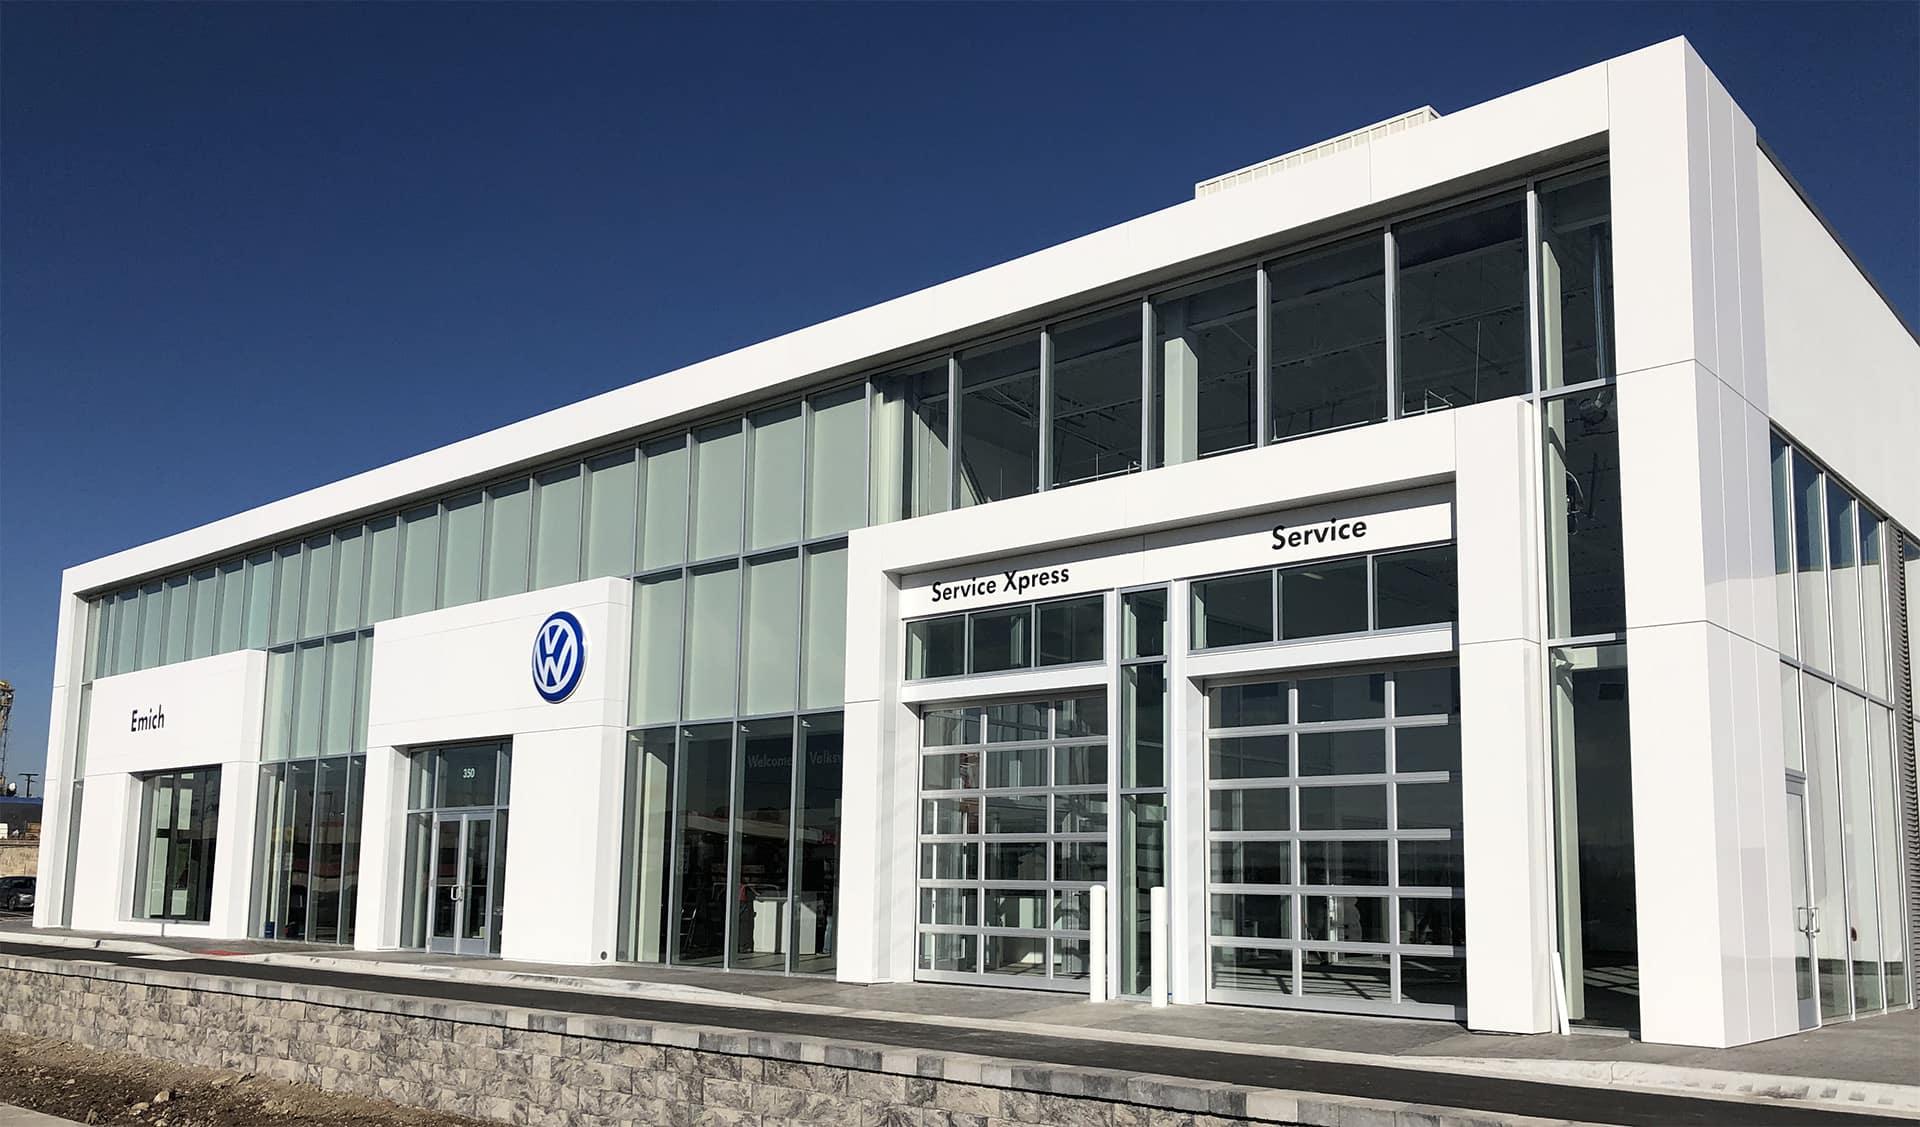 New Emich Volkswagen location near Aurora